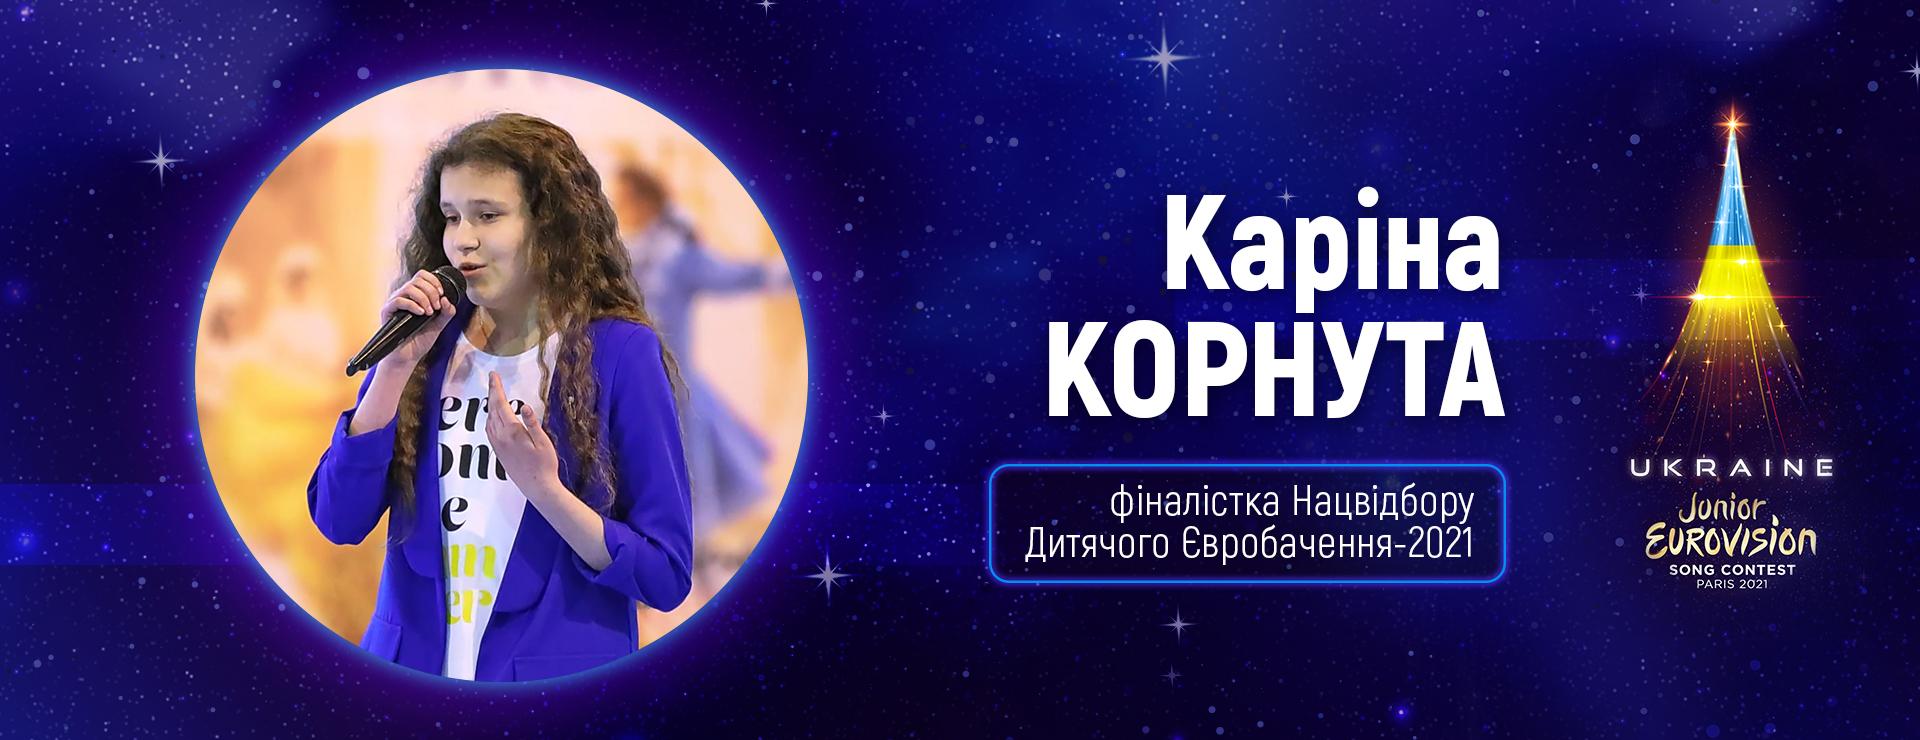 Ужгородка потрапила до фіналу національного відбору на Дитяче Євробачення